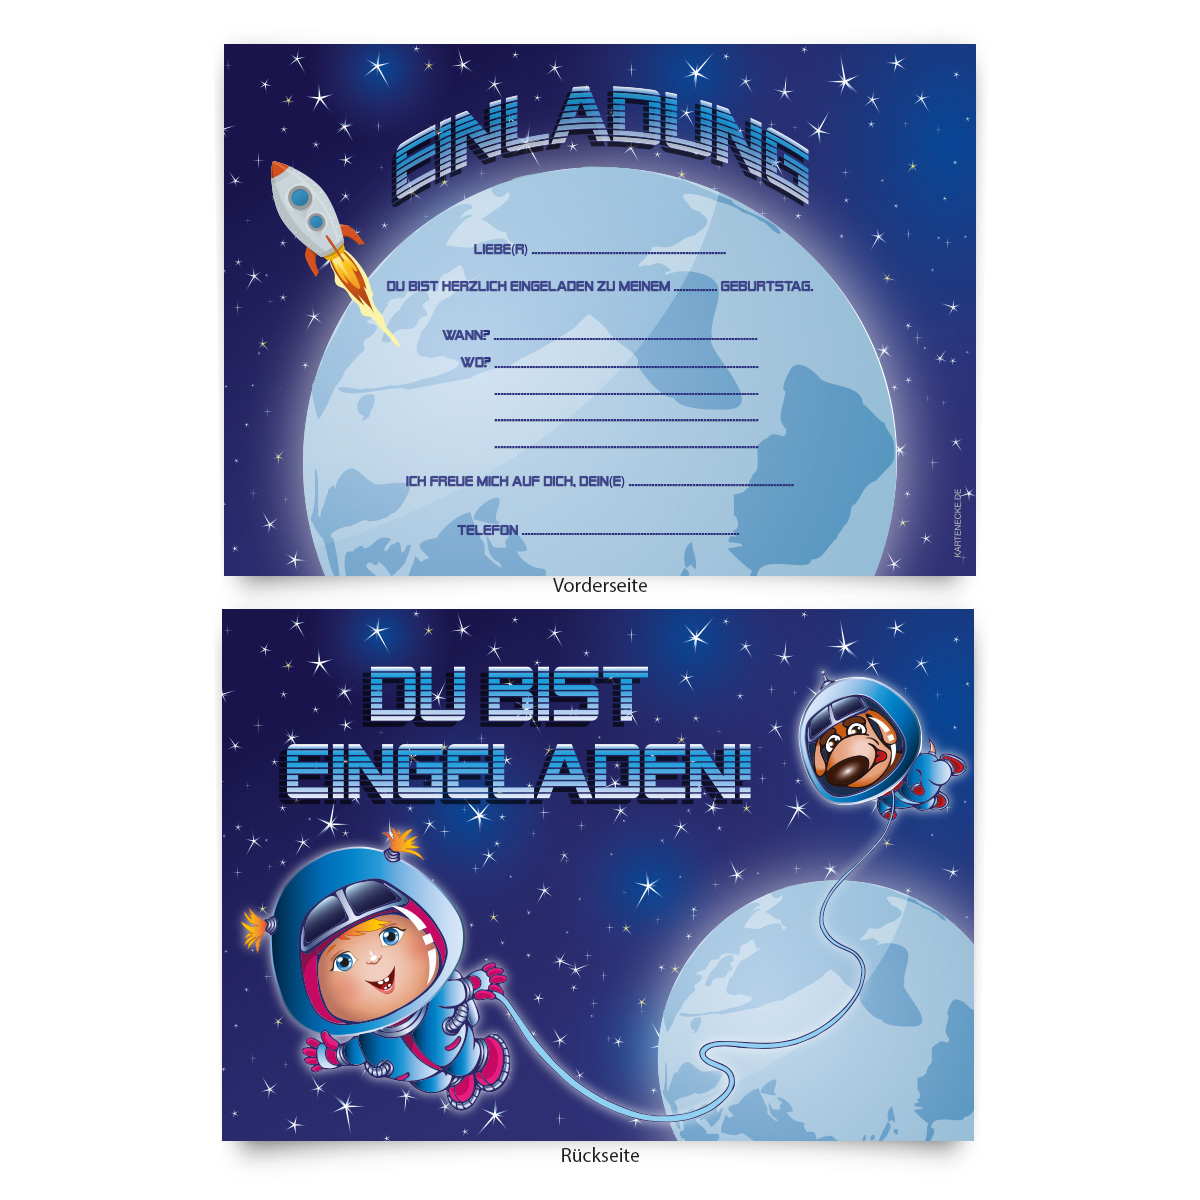 Einladungskarten Kinder Kindergeburtstag Pictures to pin on Pinterest